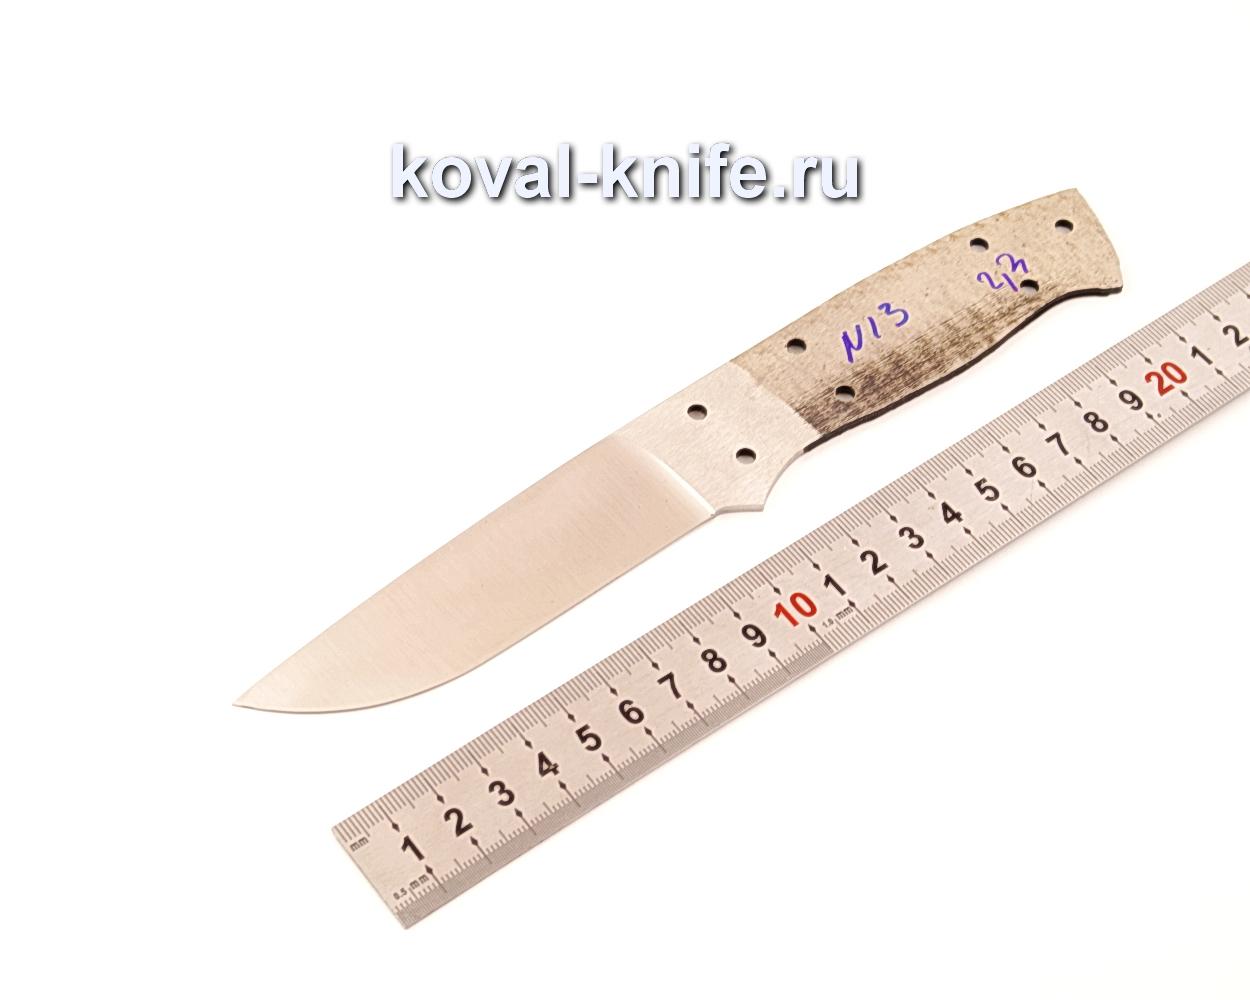 Клинок для ножа из порошковой стали Bohler M390 N13